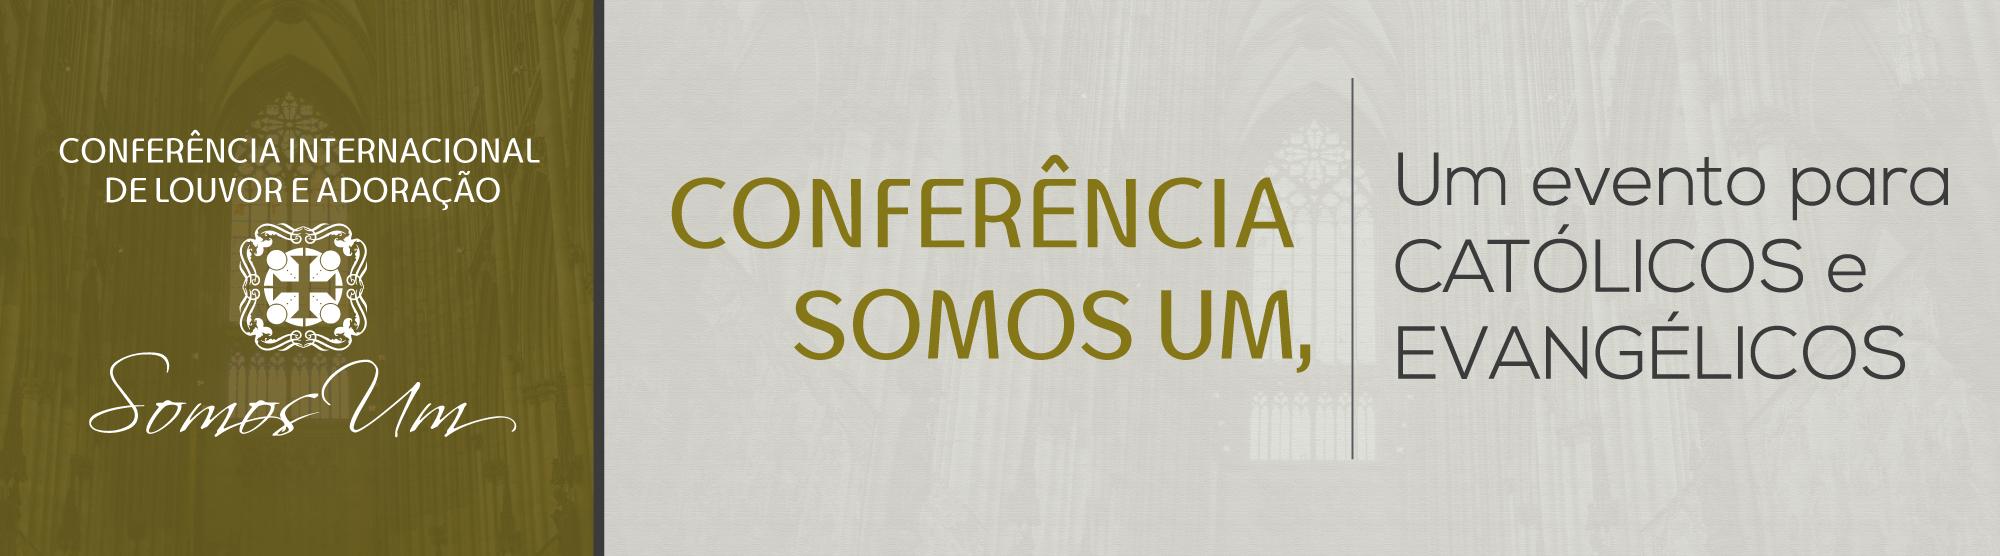 07_Conferencia_somosum_2000x556